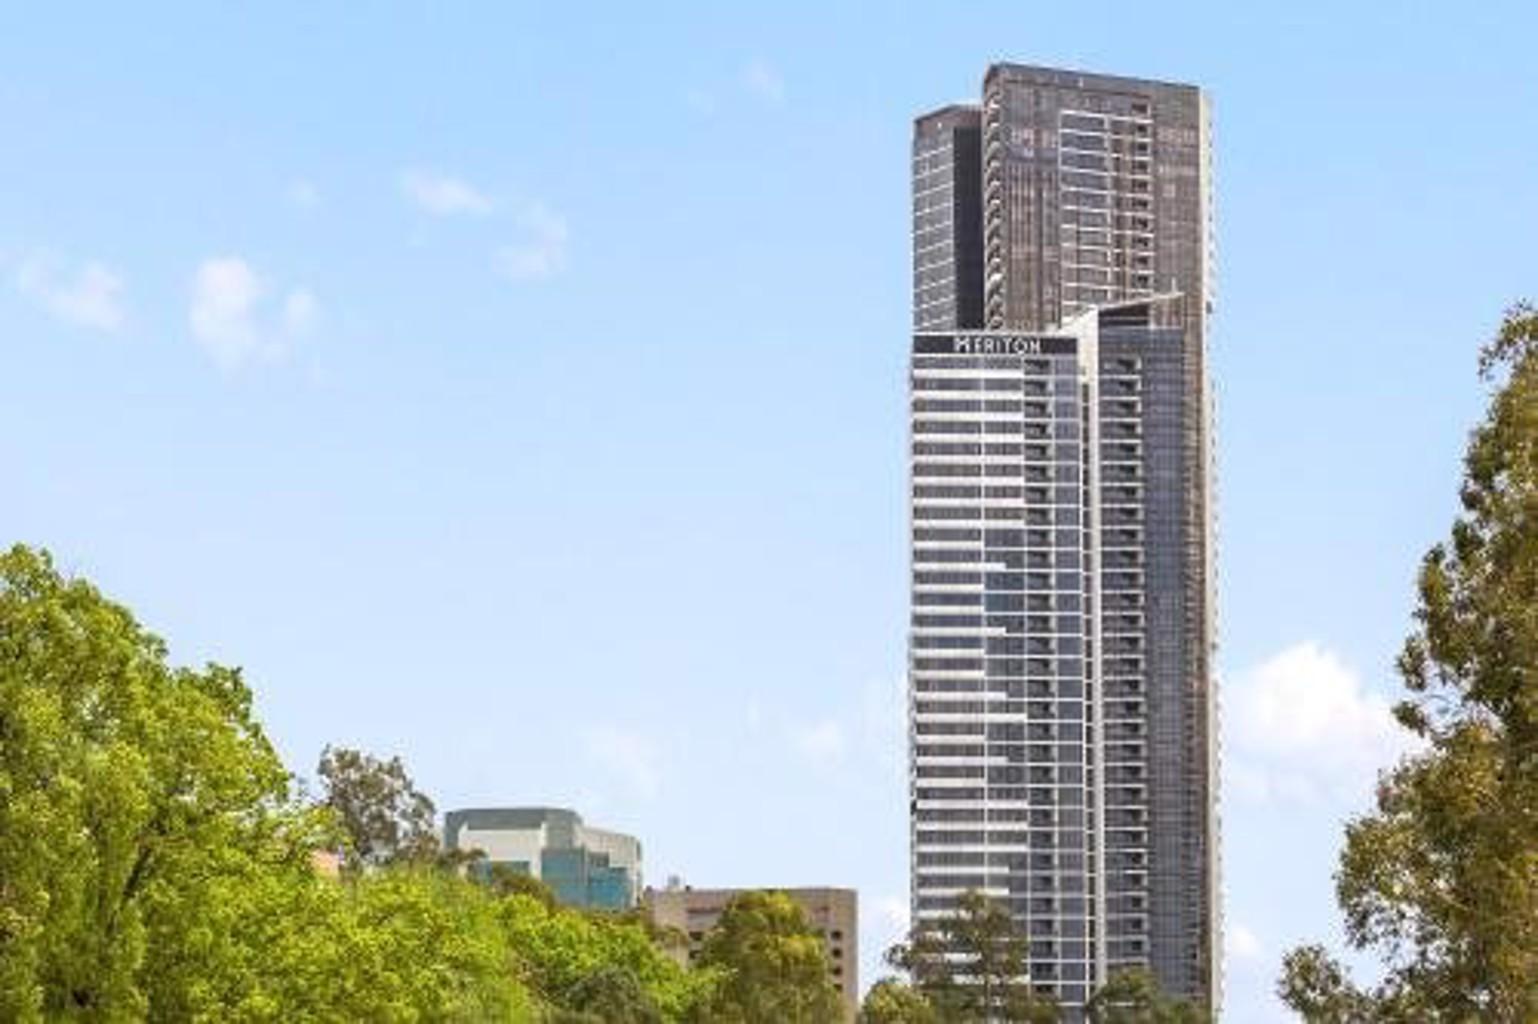 Meriton Suites Church Street Parramatta